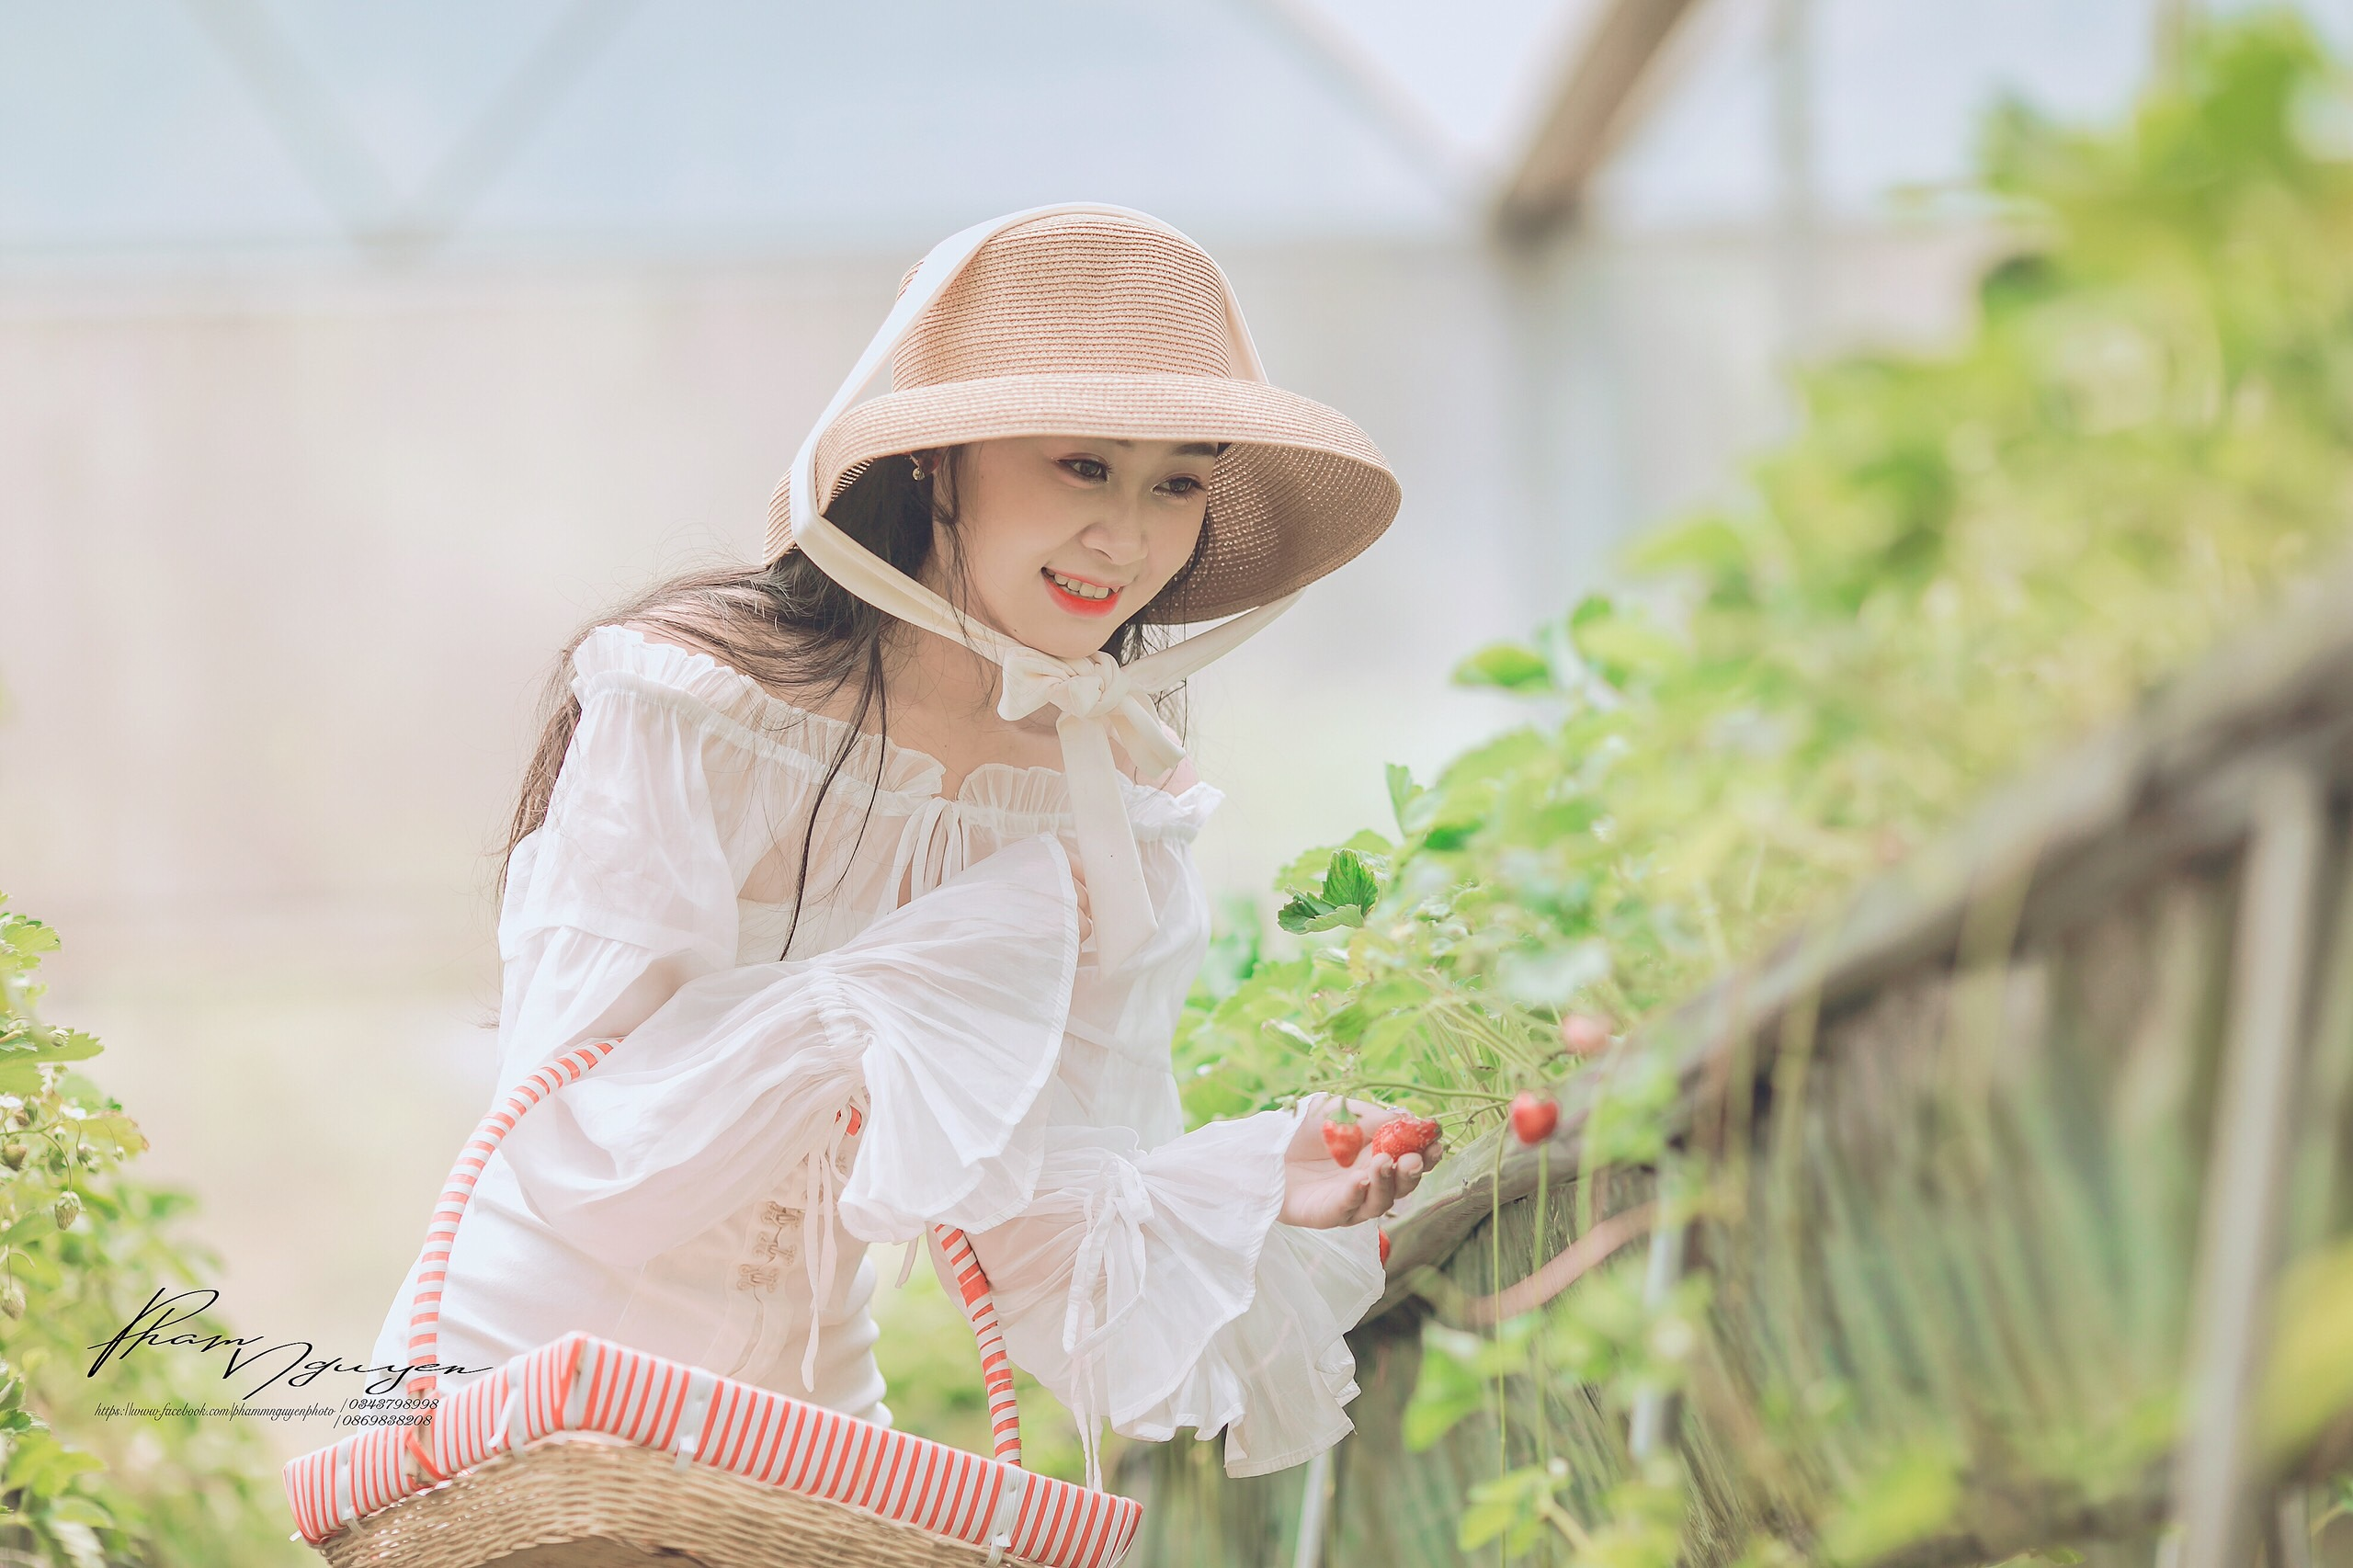 Cô nàng Thùy Dương đạt giải đặc biệt cuộc thi ảnh 'Nắm tay nhau đi khắp Chimi Farm'